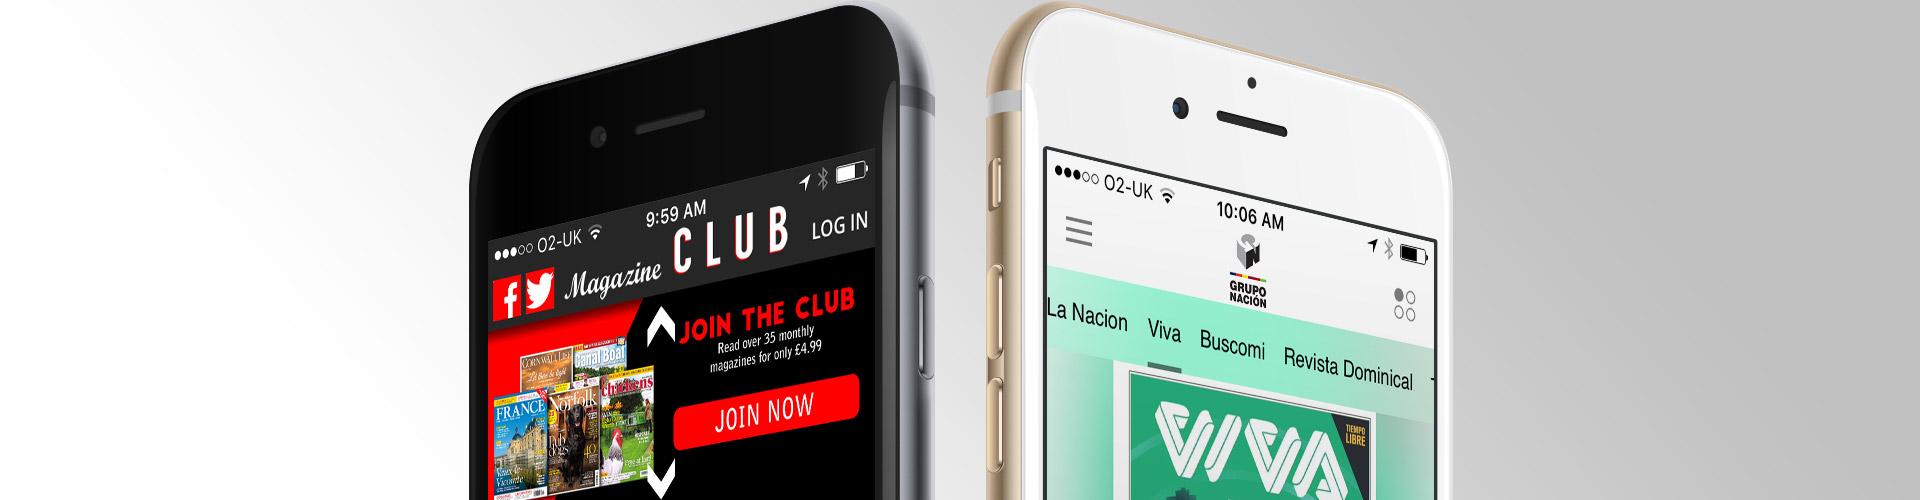 Rise of the Kiosk App